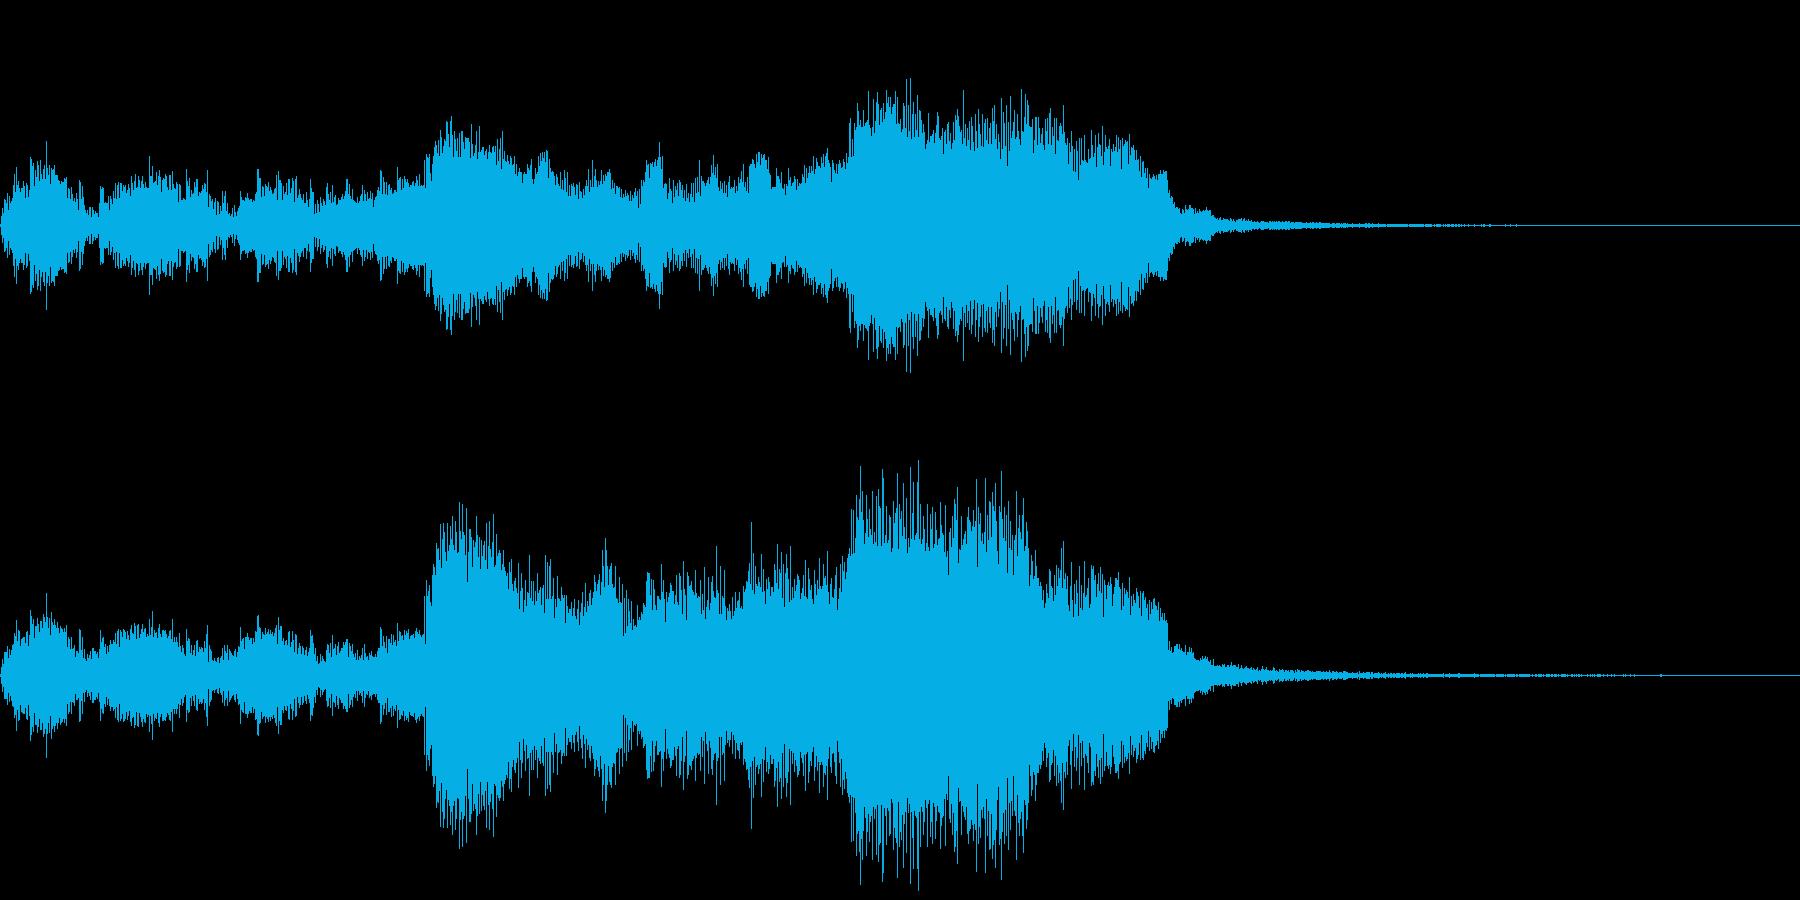 ティンパニロールと金管楽器~結果発表~の再生済みの波形